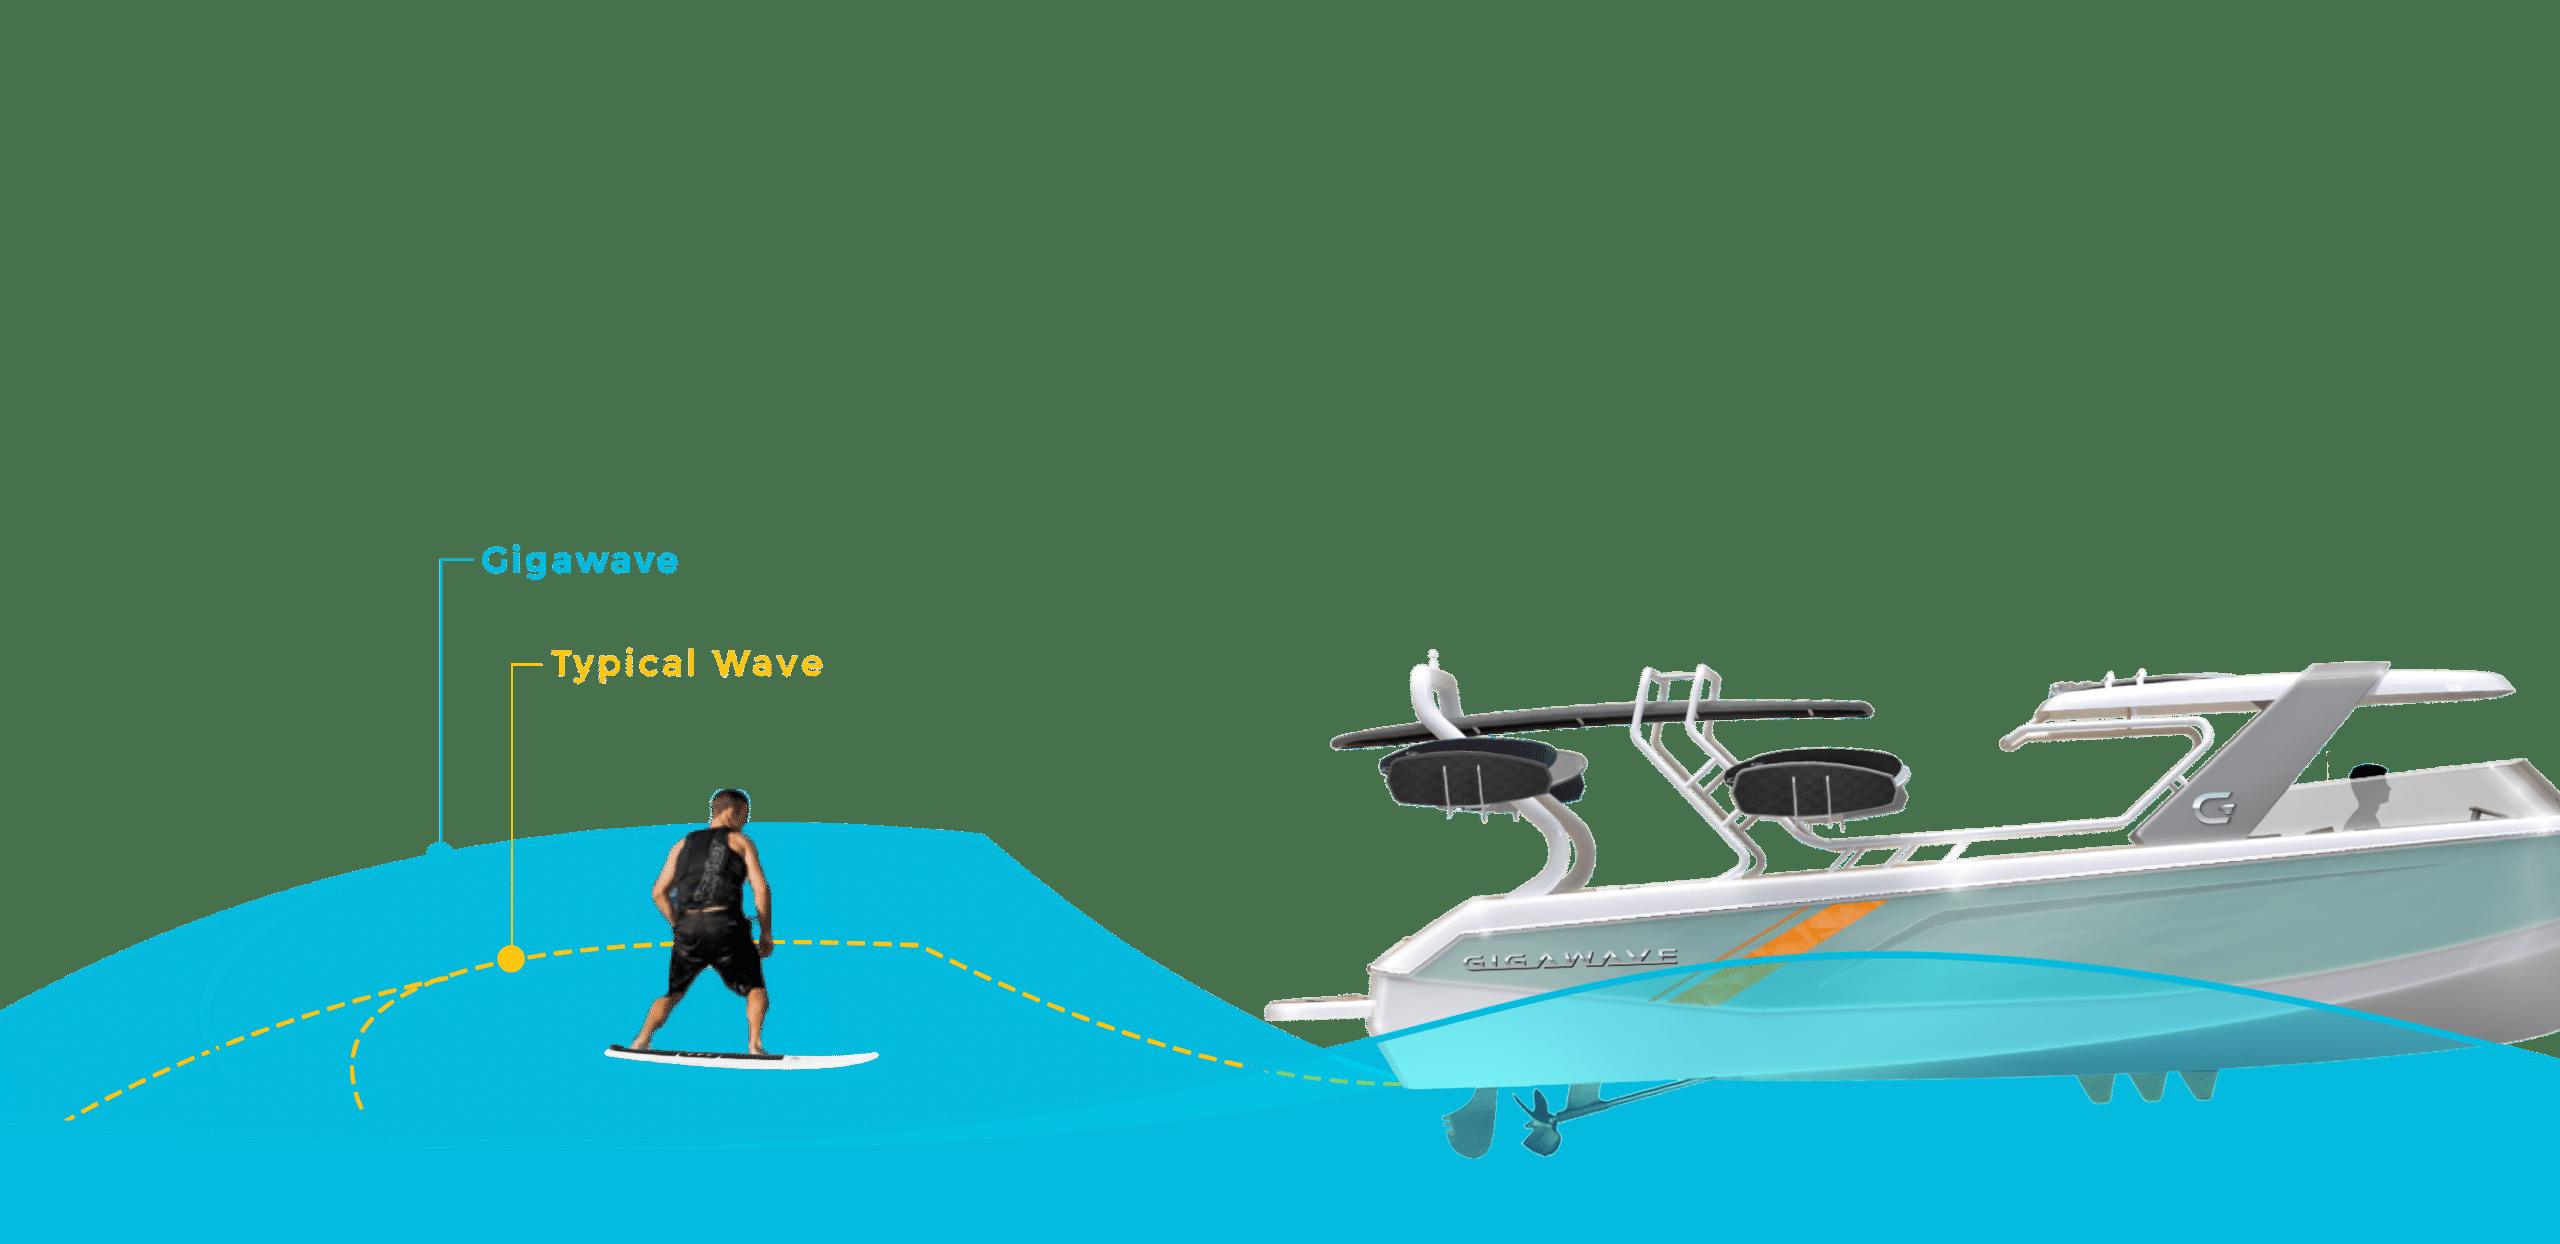 Gigawave Boat